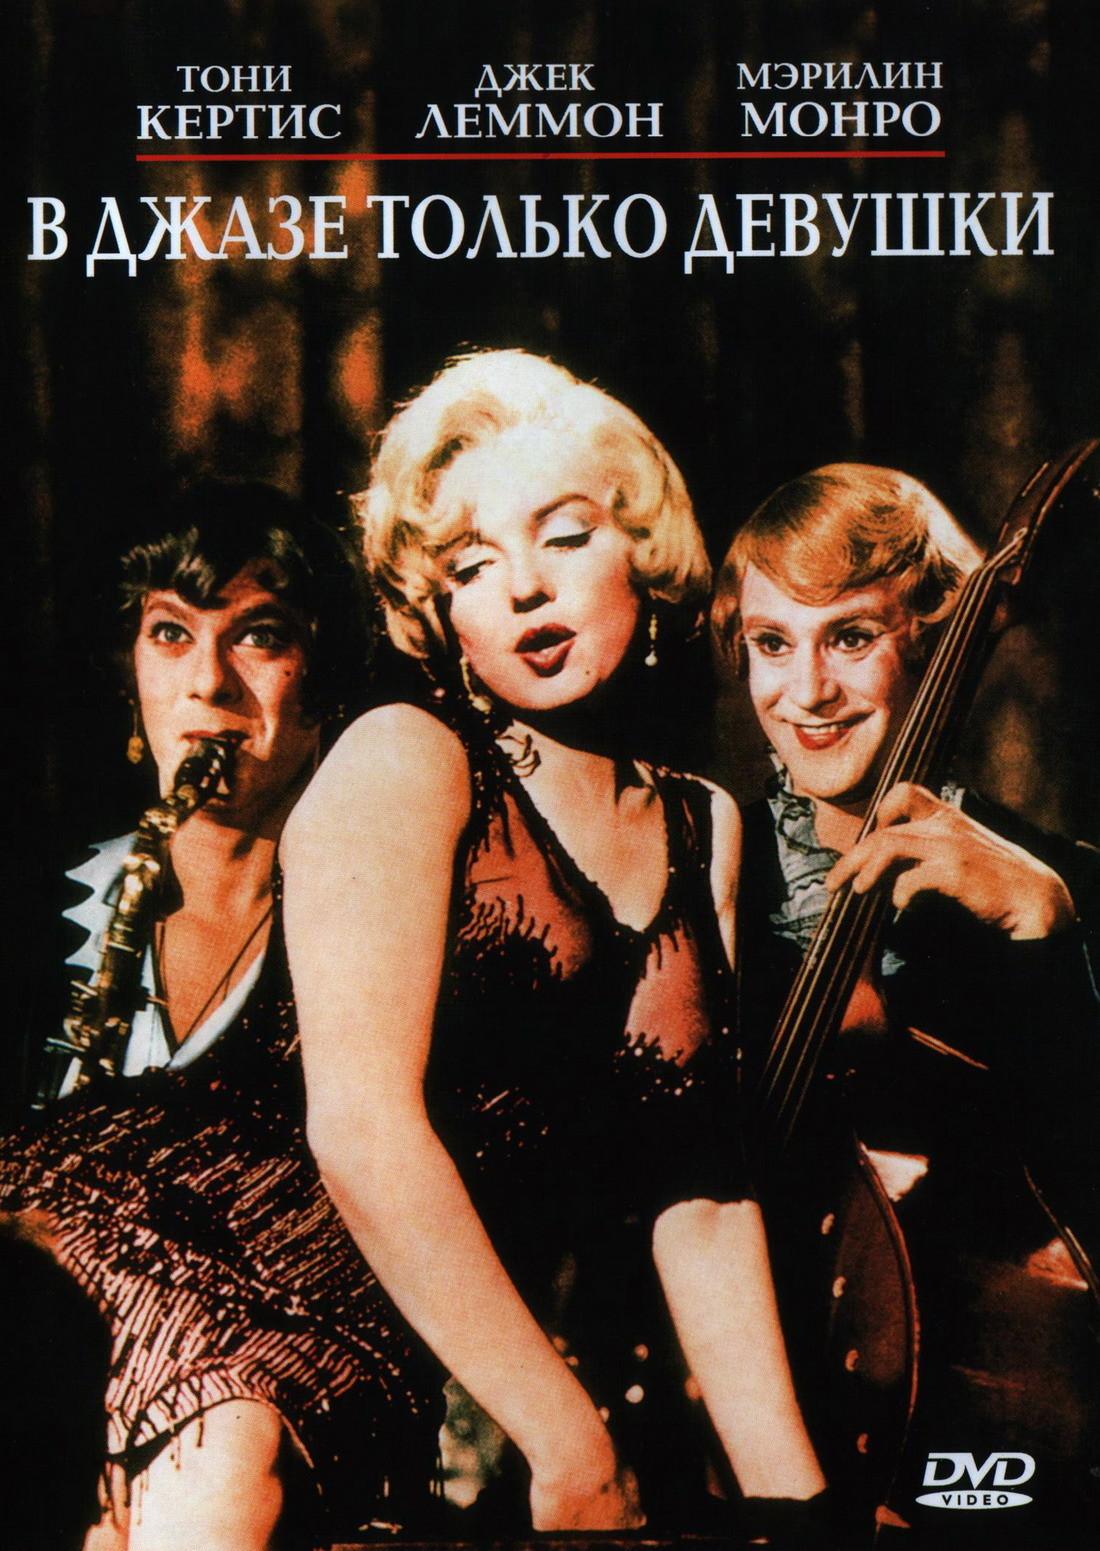 В джазе только девушки (Some Like It Hot): цитаты из фильма ...